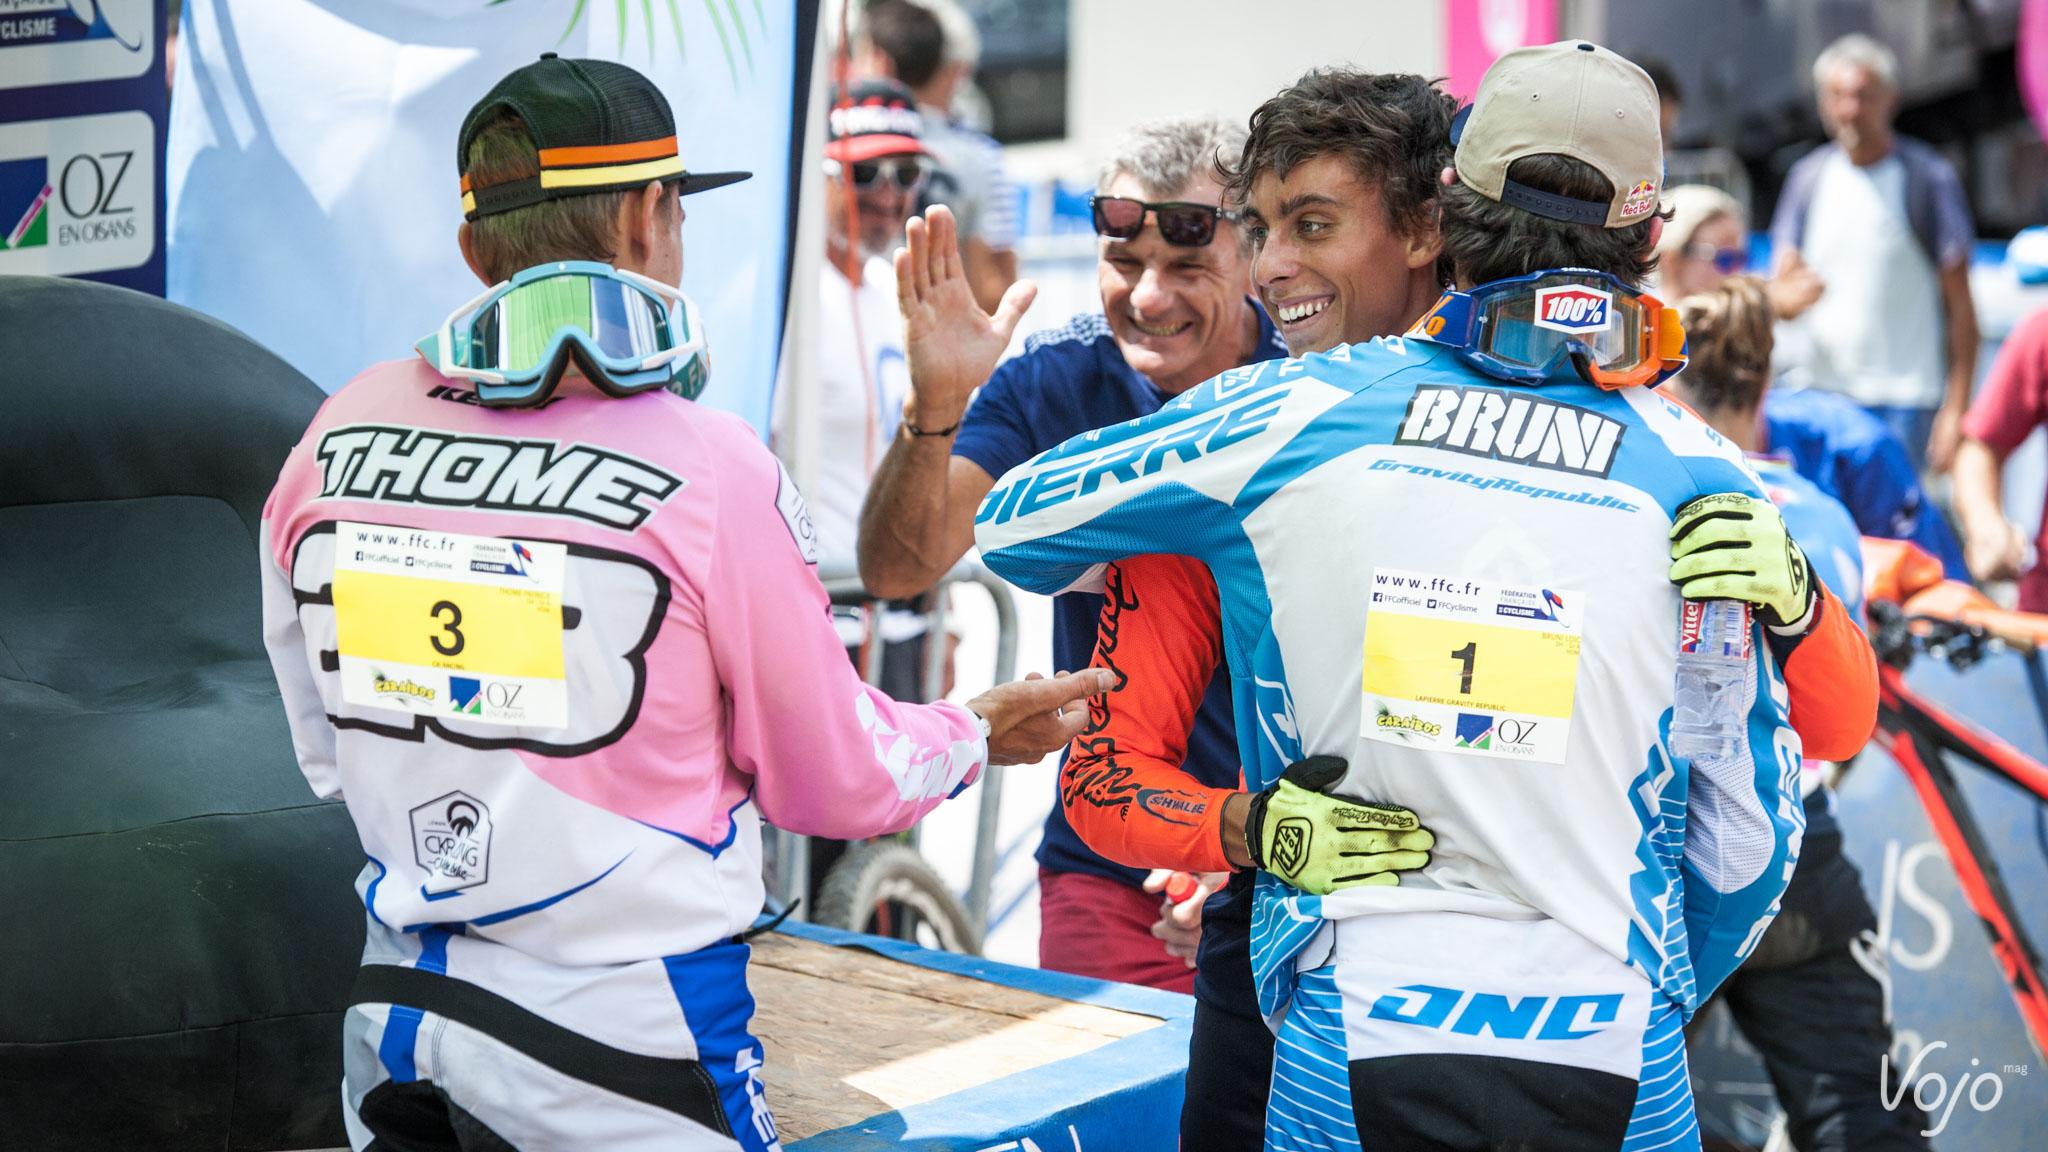 Championnats-de-france-2015-Oz-DH-finale-86